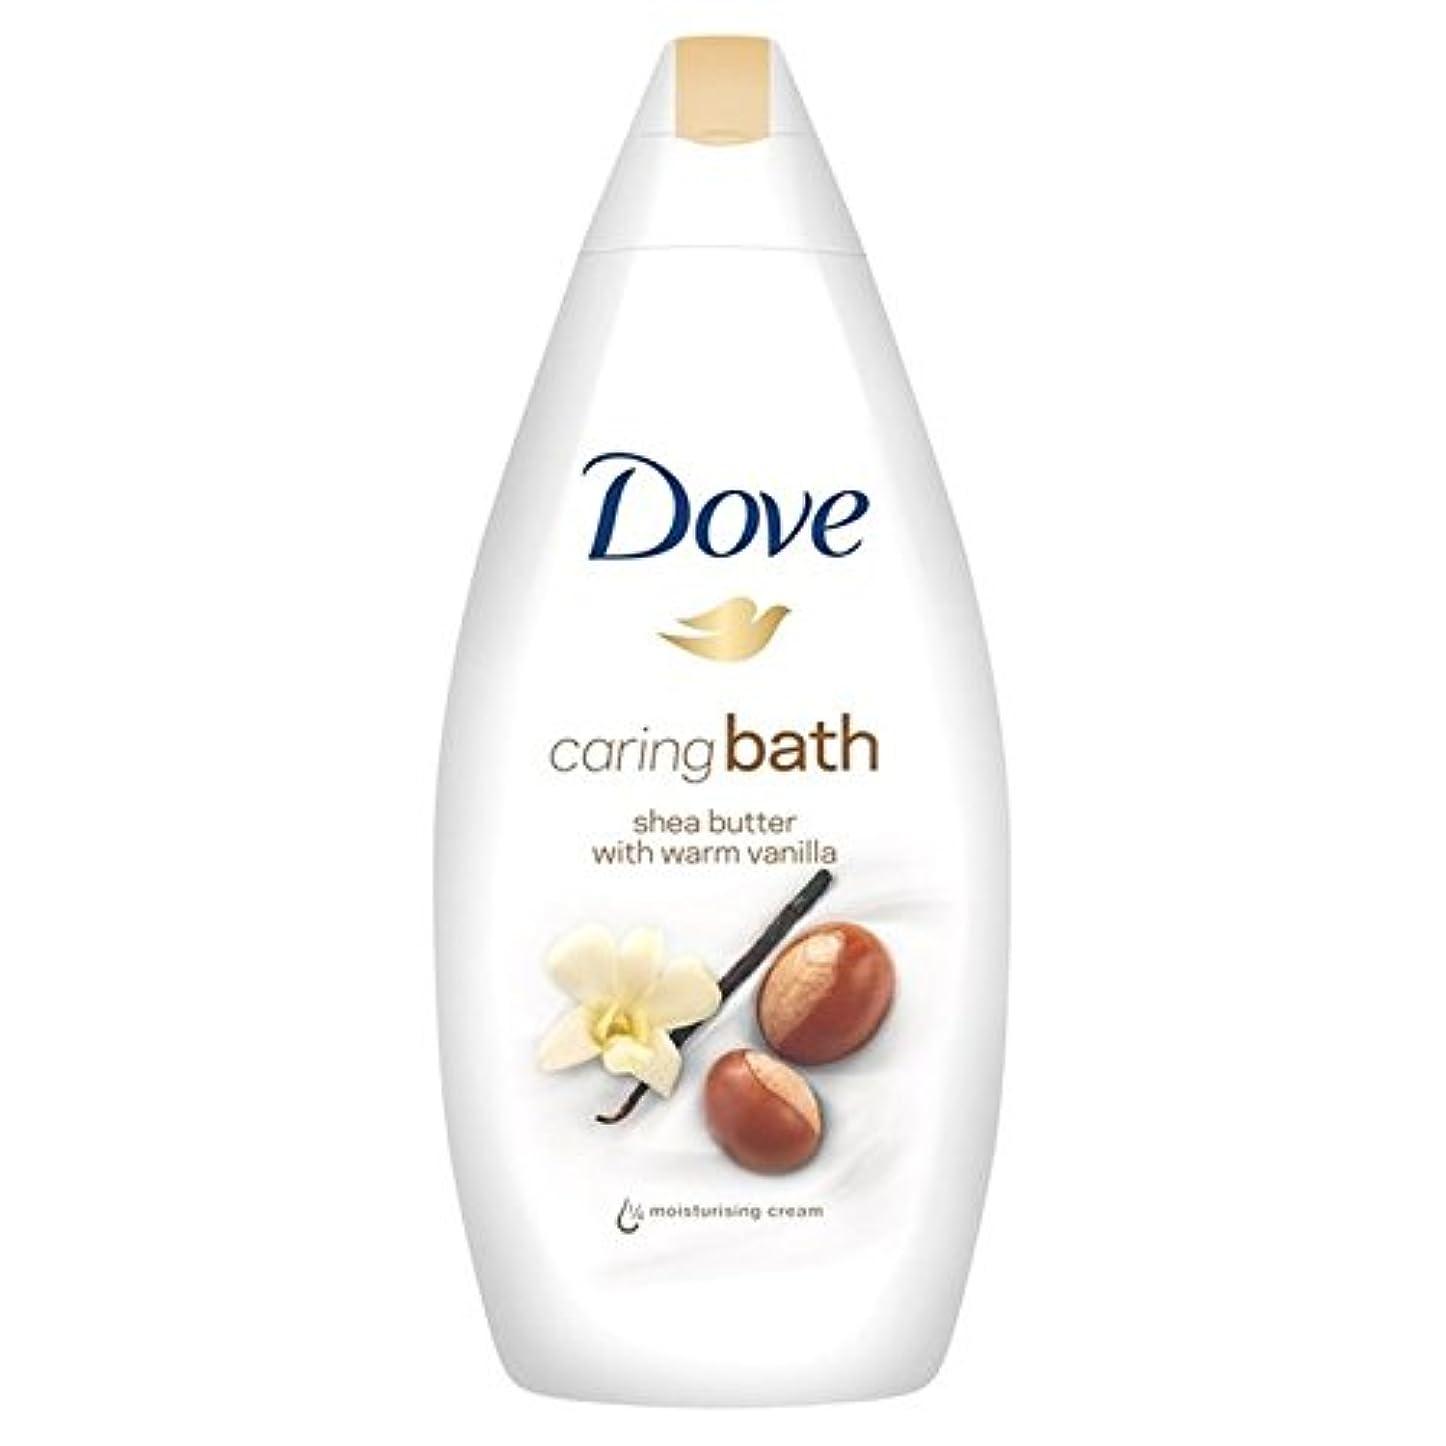 スピーチ乱す傭兵Dove Purely Pampering Shea Butter Caring Cream Bath 500ml (Pack of 6) - 鳩純粋な贅沢シアバター思いやりのあるクリームバス500ミリリットル x6 [...